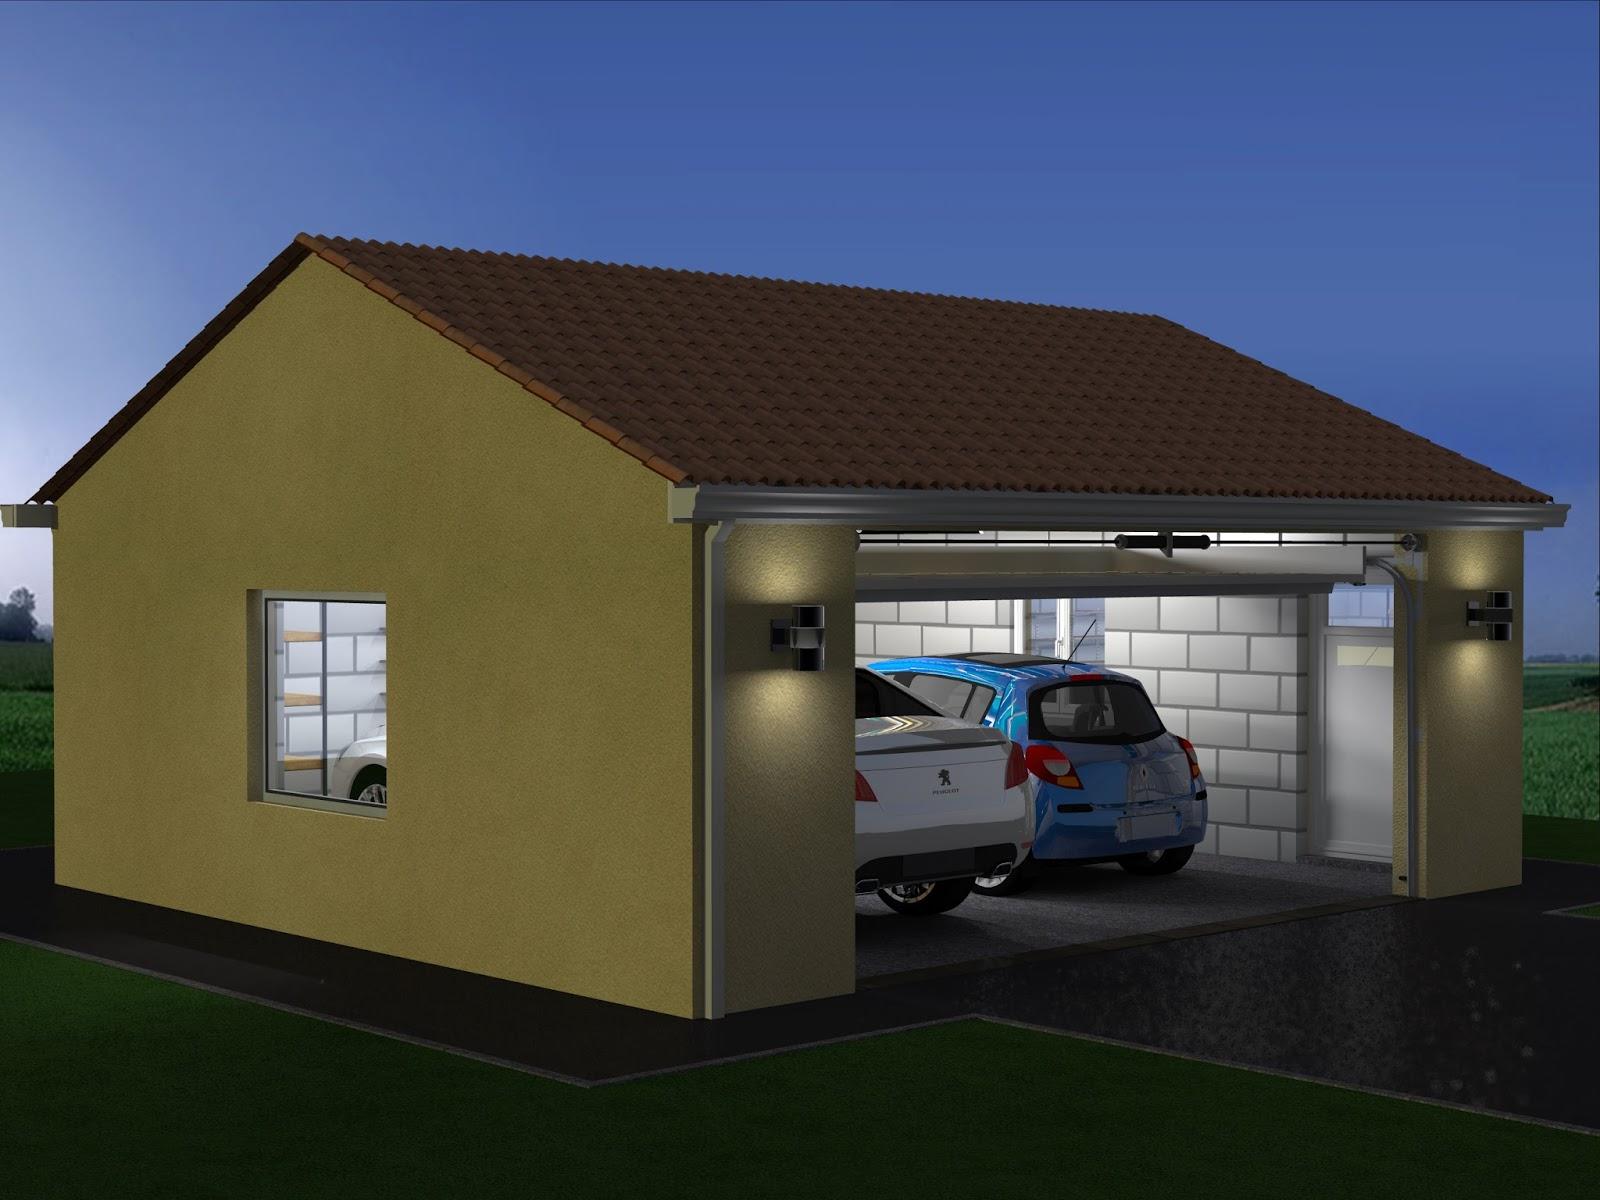 projet de construction de garage double. Black Bedroom Furniture Sets. Home Design Ideas